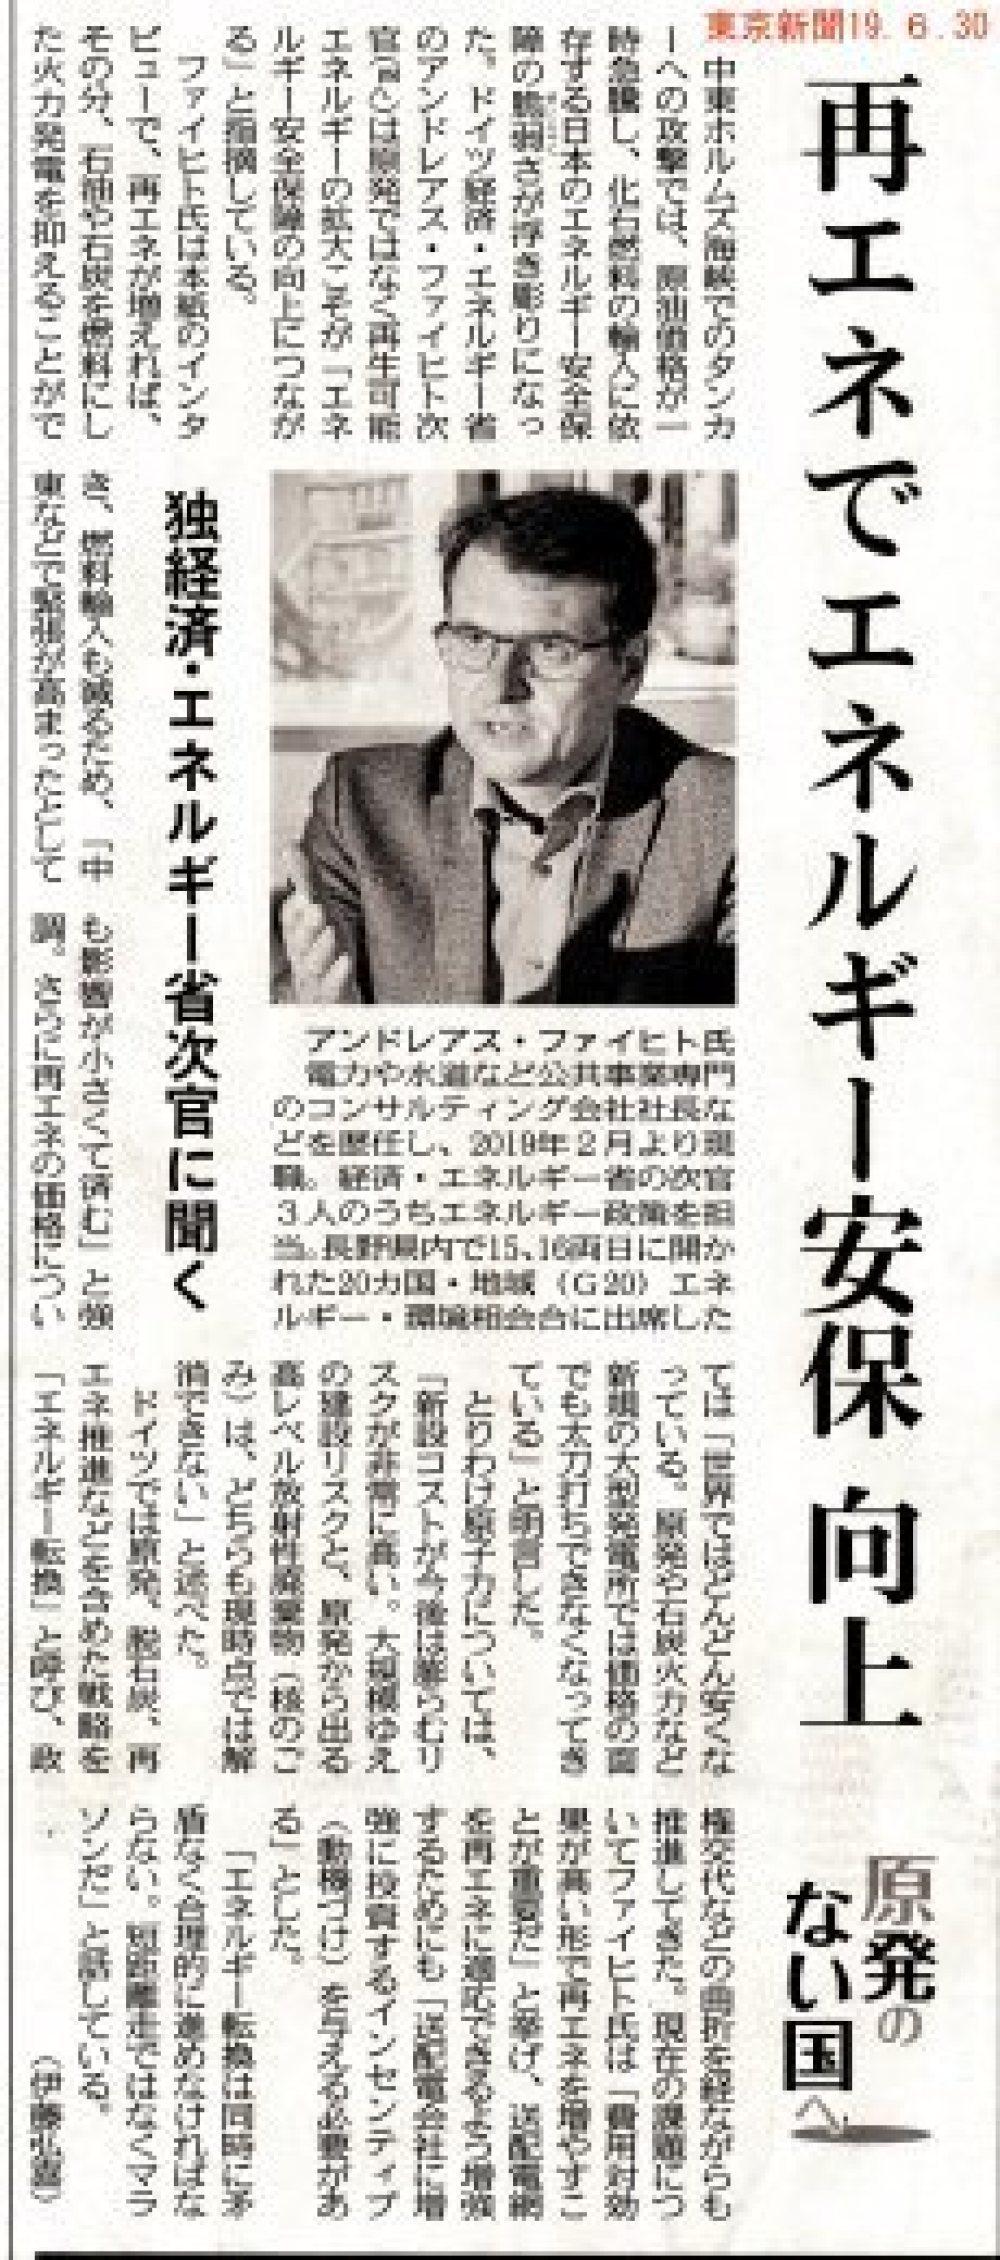 再エネでエネルギー安保向上 / 原発のない国へ 東京新聞 _b0242956_07541837.jpg